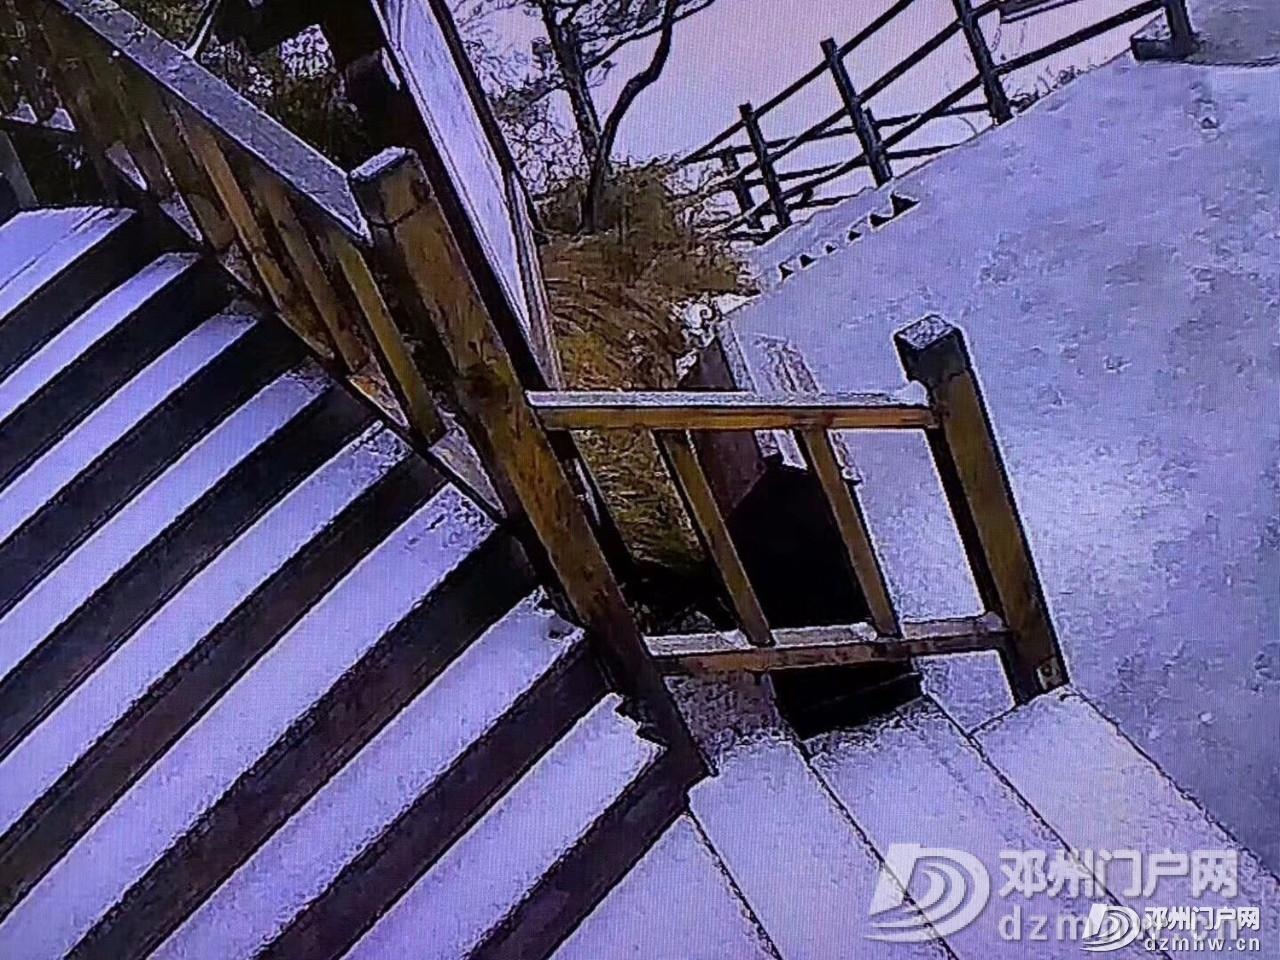 下雪啦!下雪啦!2019年河南第一场雪来啦! - 邓州门户网|邓州网 - 124ff6b85976fe4cf9939b9c3669ce59.jpg